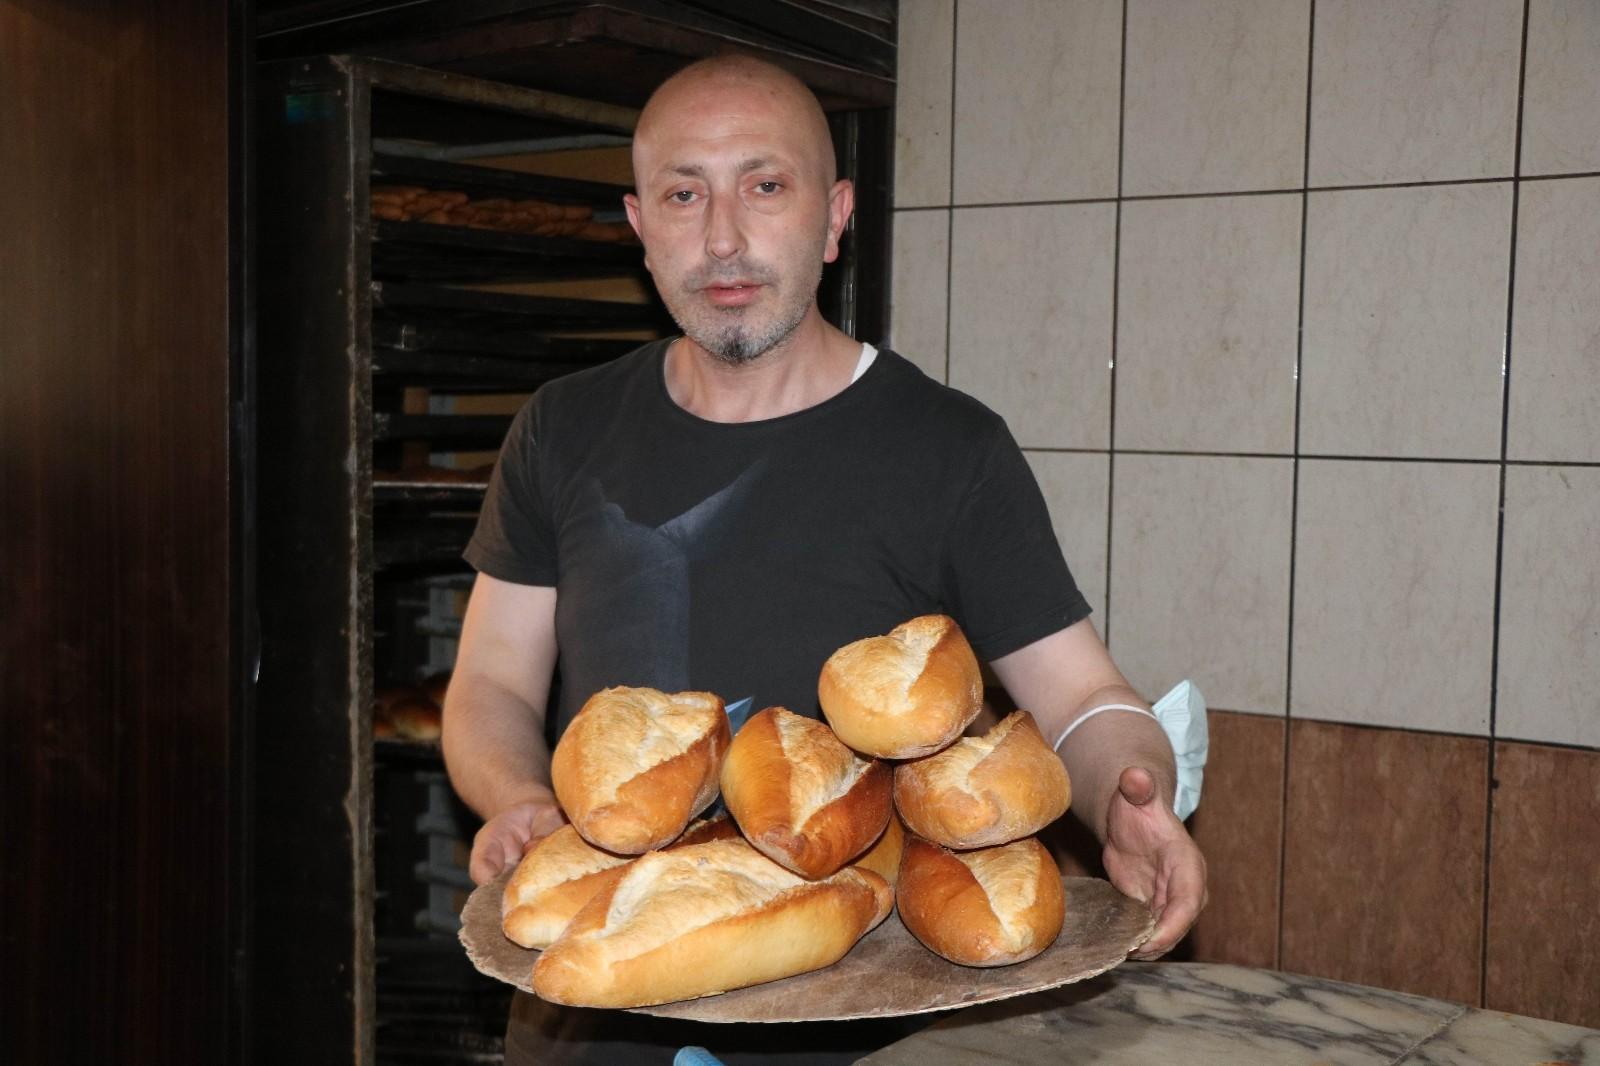 Samsun'da ekmek 2 TL'den satılmaya başlandı: Vatandaş tepkili